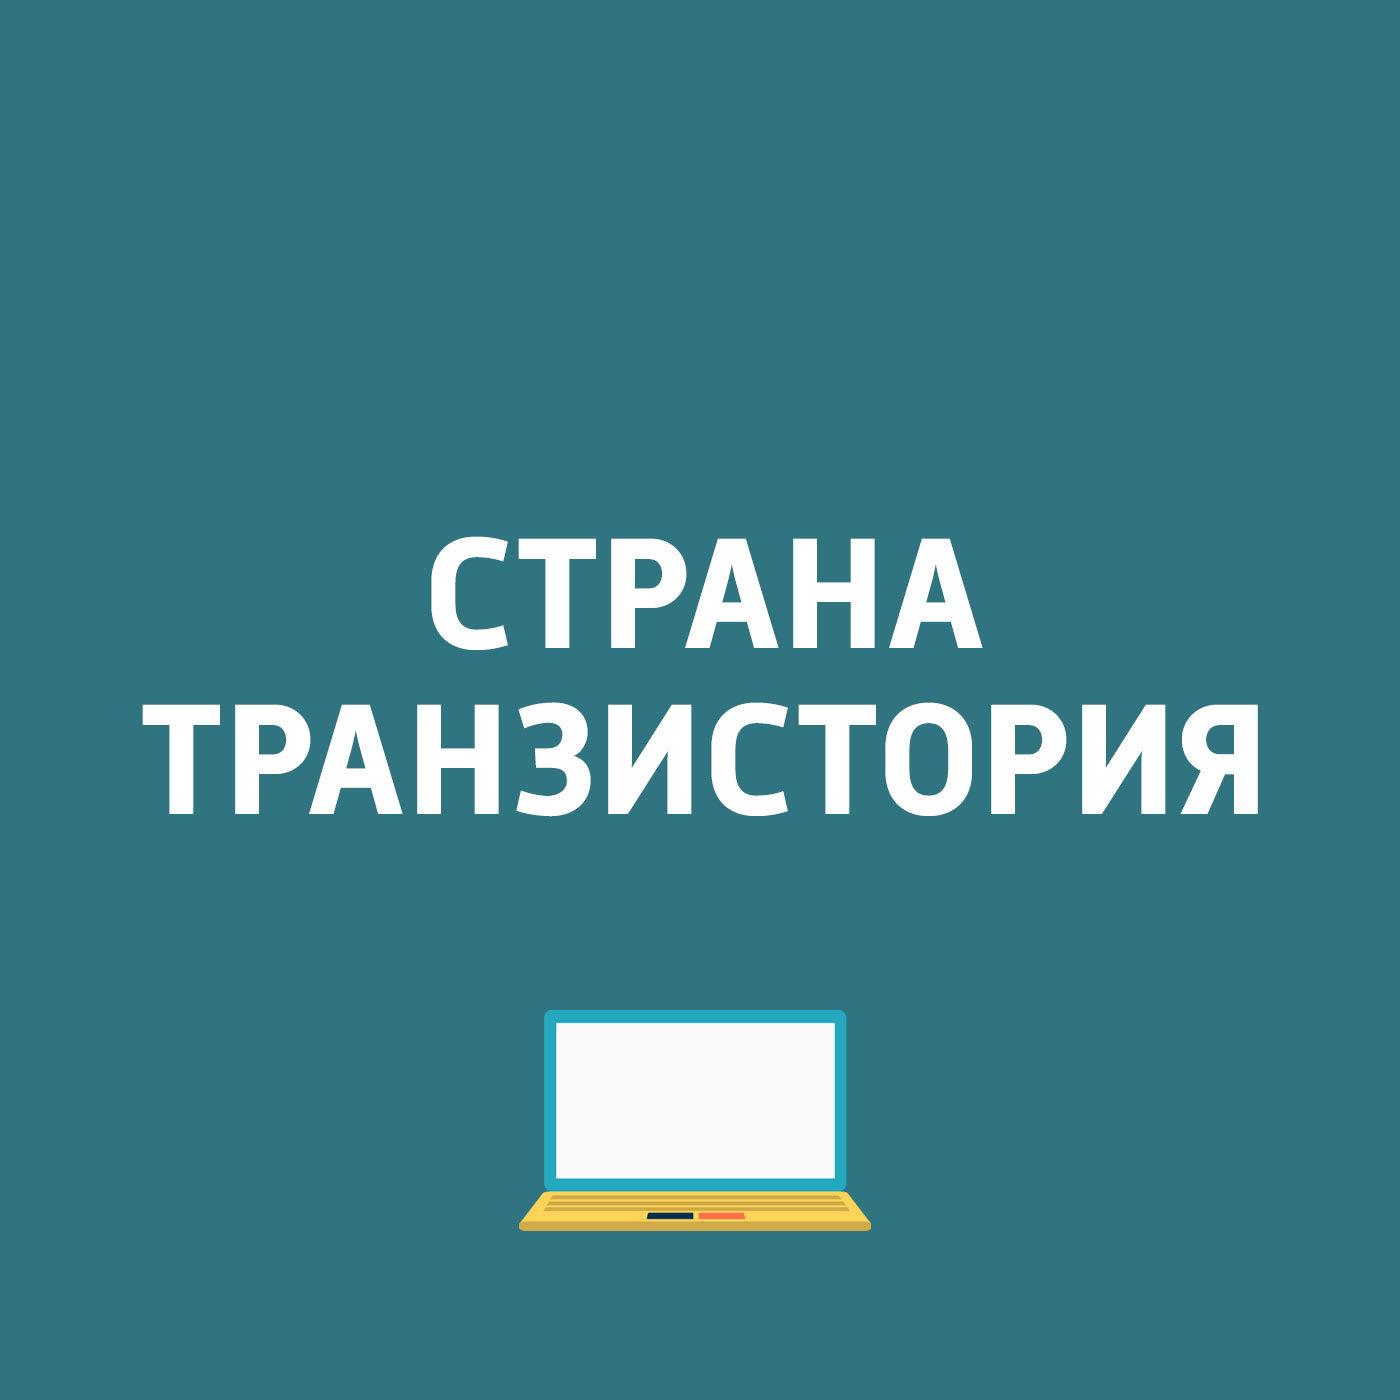 Картаев Павел HTC 10 evo; ZTE открыла в России интернет-магазин; Минтруд запустит портал для заключения трудовых договоров... картаев павел система распознавания речи microsoft достигла человеческого уровня